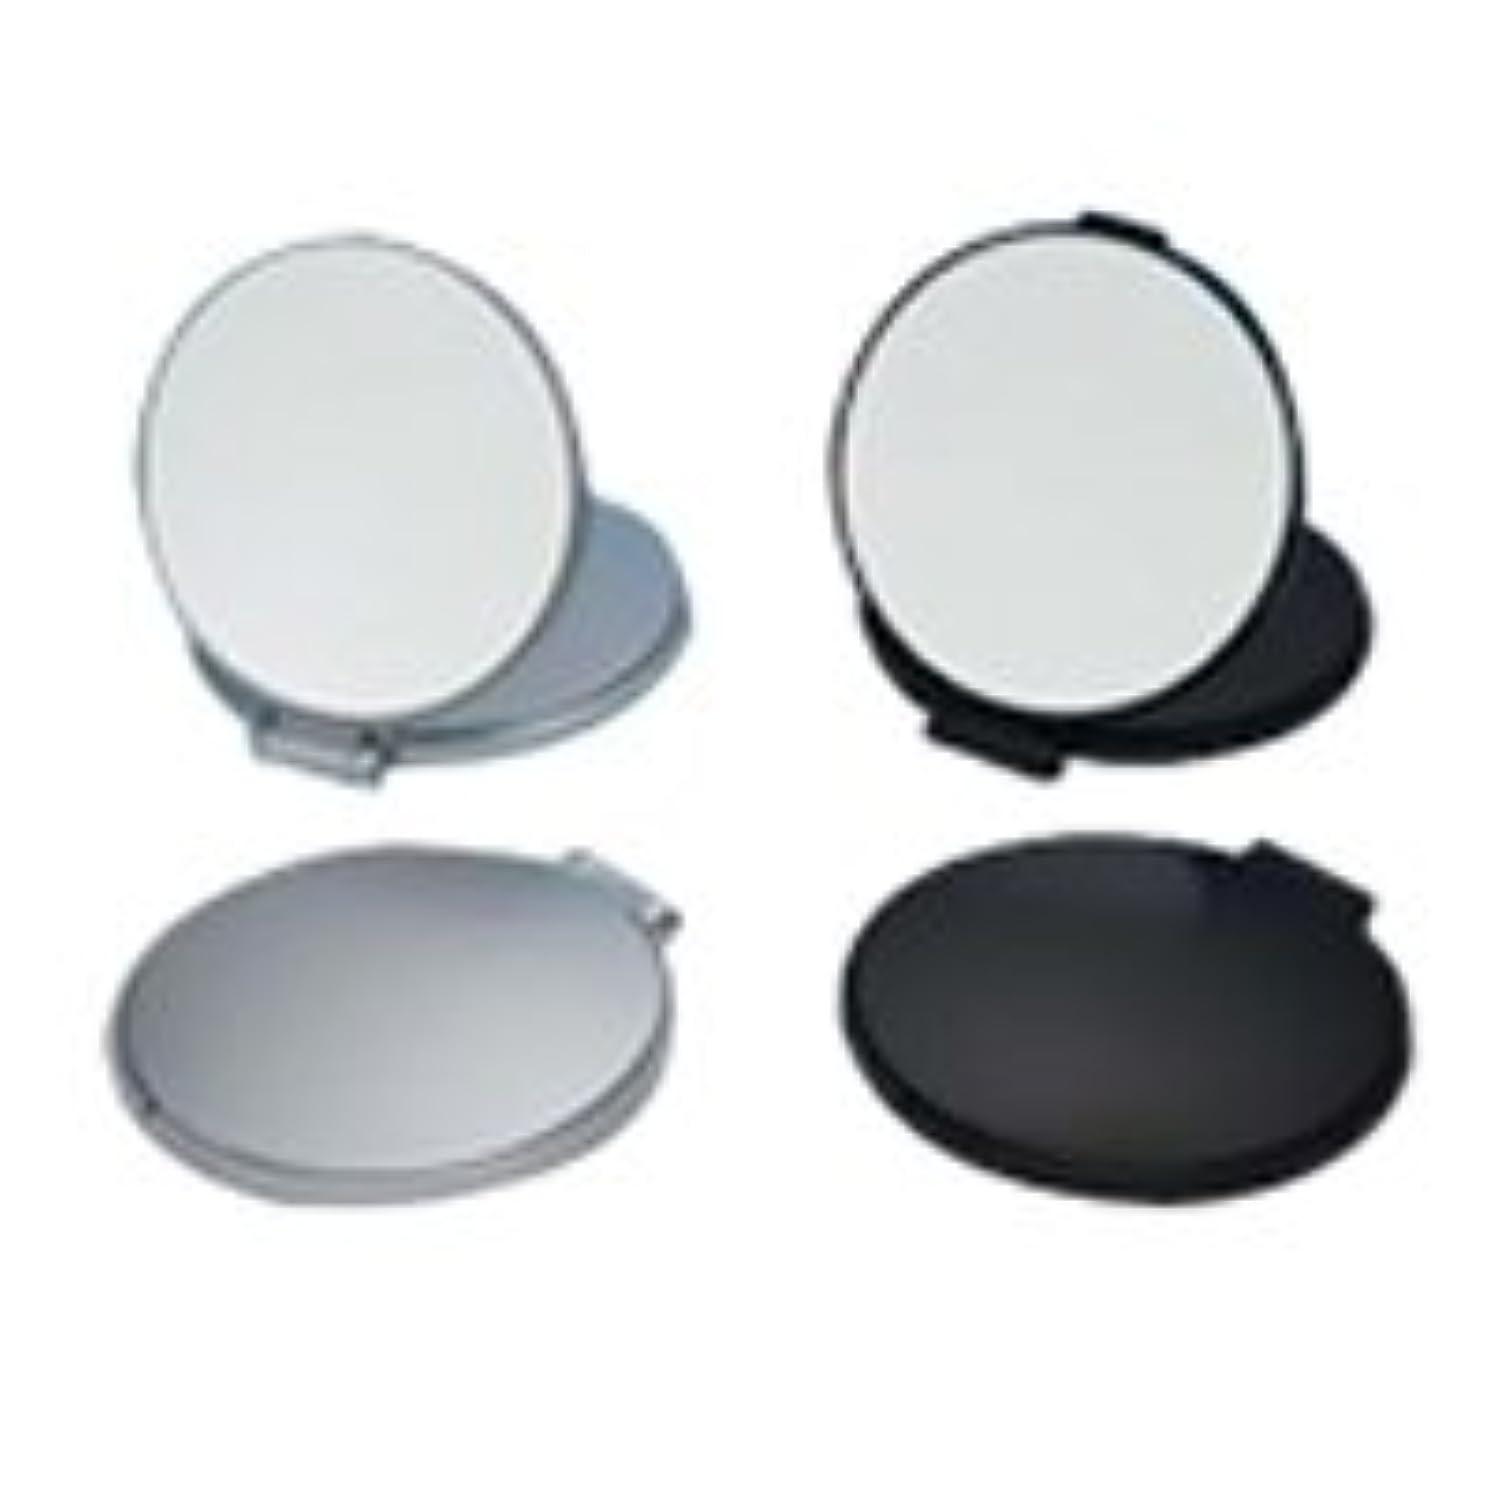 試してみる少年次コンパクトミラー 拡大鏡 メイク 拡大ミラー ナピュアミラー 鏡 リアルズームアップ プラス 両面 3倍 RC-03 堀内鏡工業※このページは「シルバー」のみの販売です◆シルバー